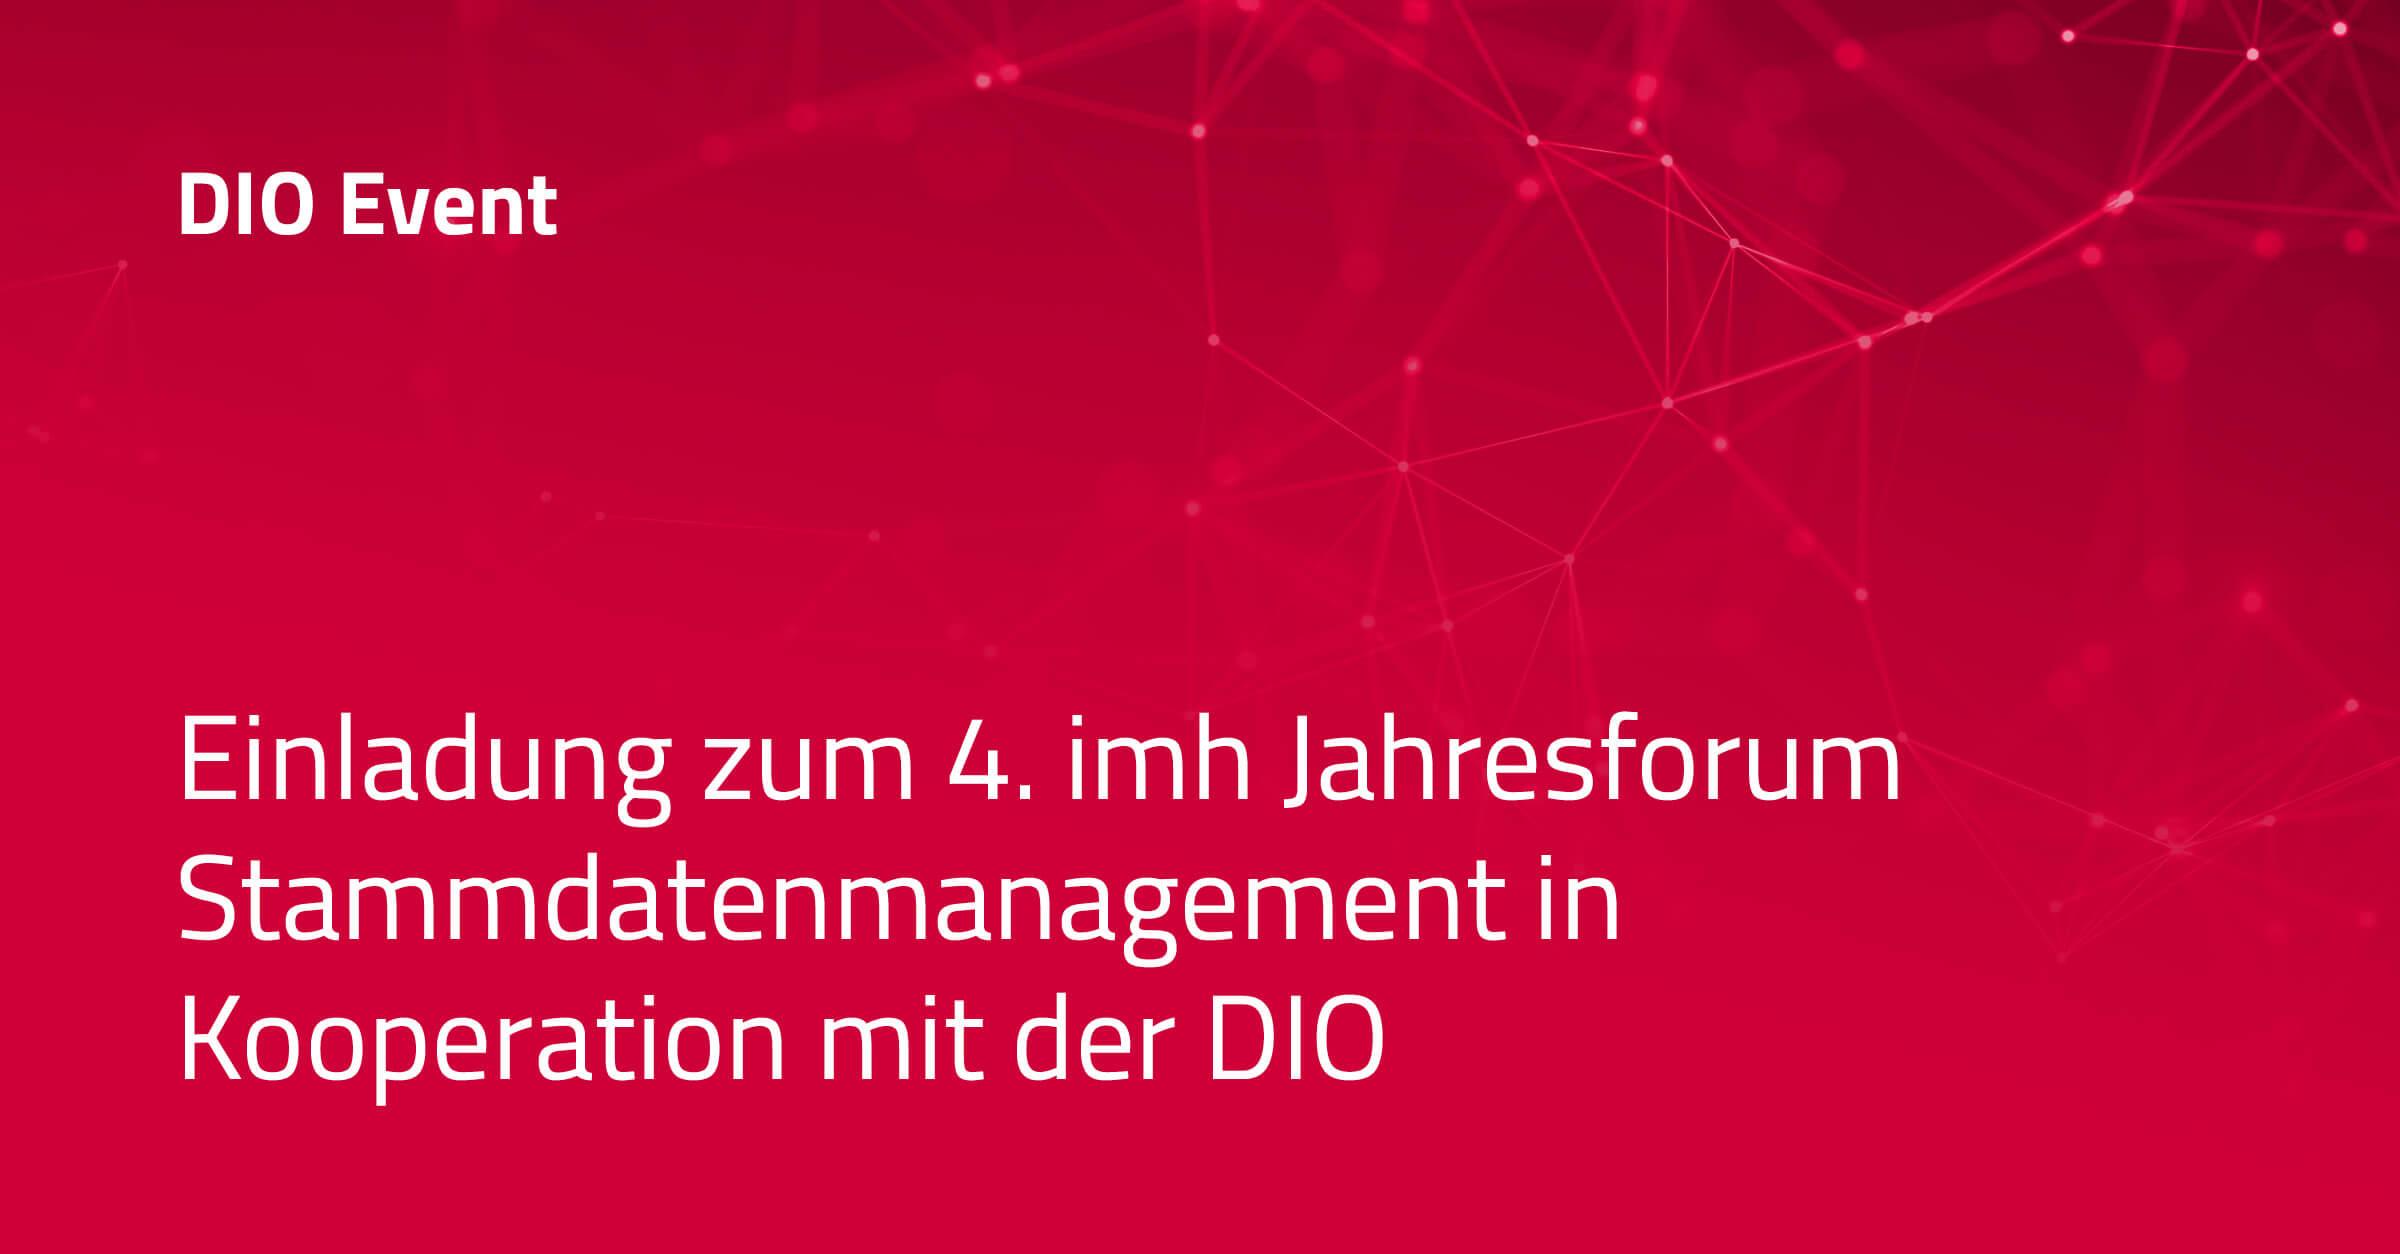 DIO_Event_4Jahresforum